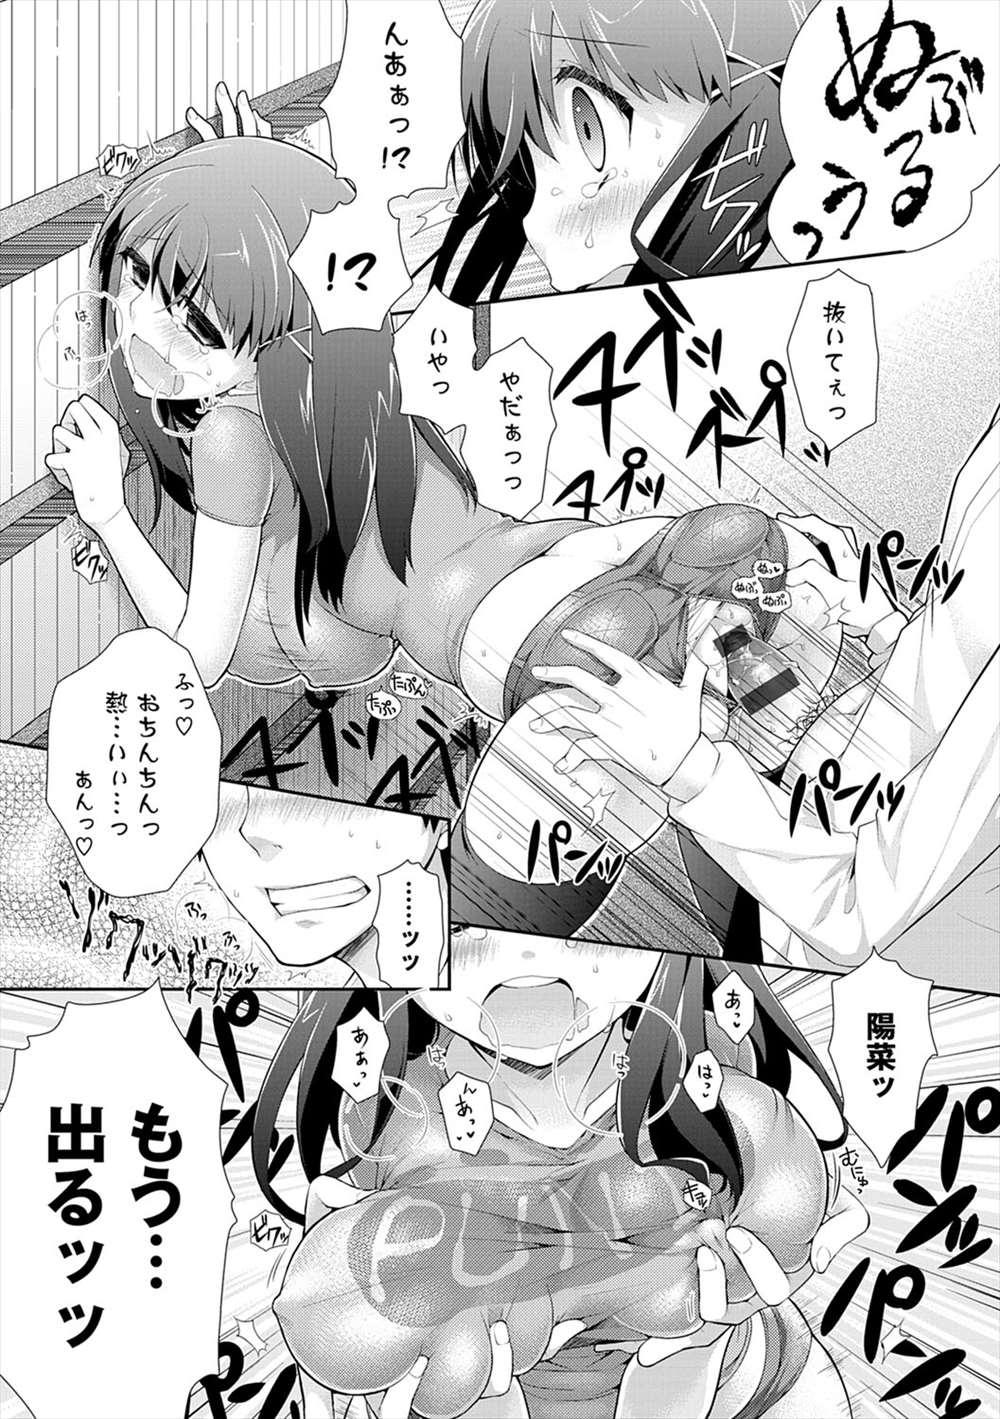 【エロ漫画】初めて来た彼氏の家で飲み物をこぼされびしょ濡れになる巨乳JK…間違って妹の服を渡してしまいむちむちな姿に我慢できず処女の彼女といちゃラブ中出しセックスwww【ぎうにう:やぶれあな】